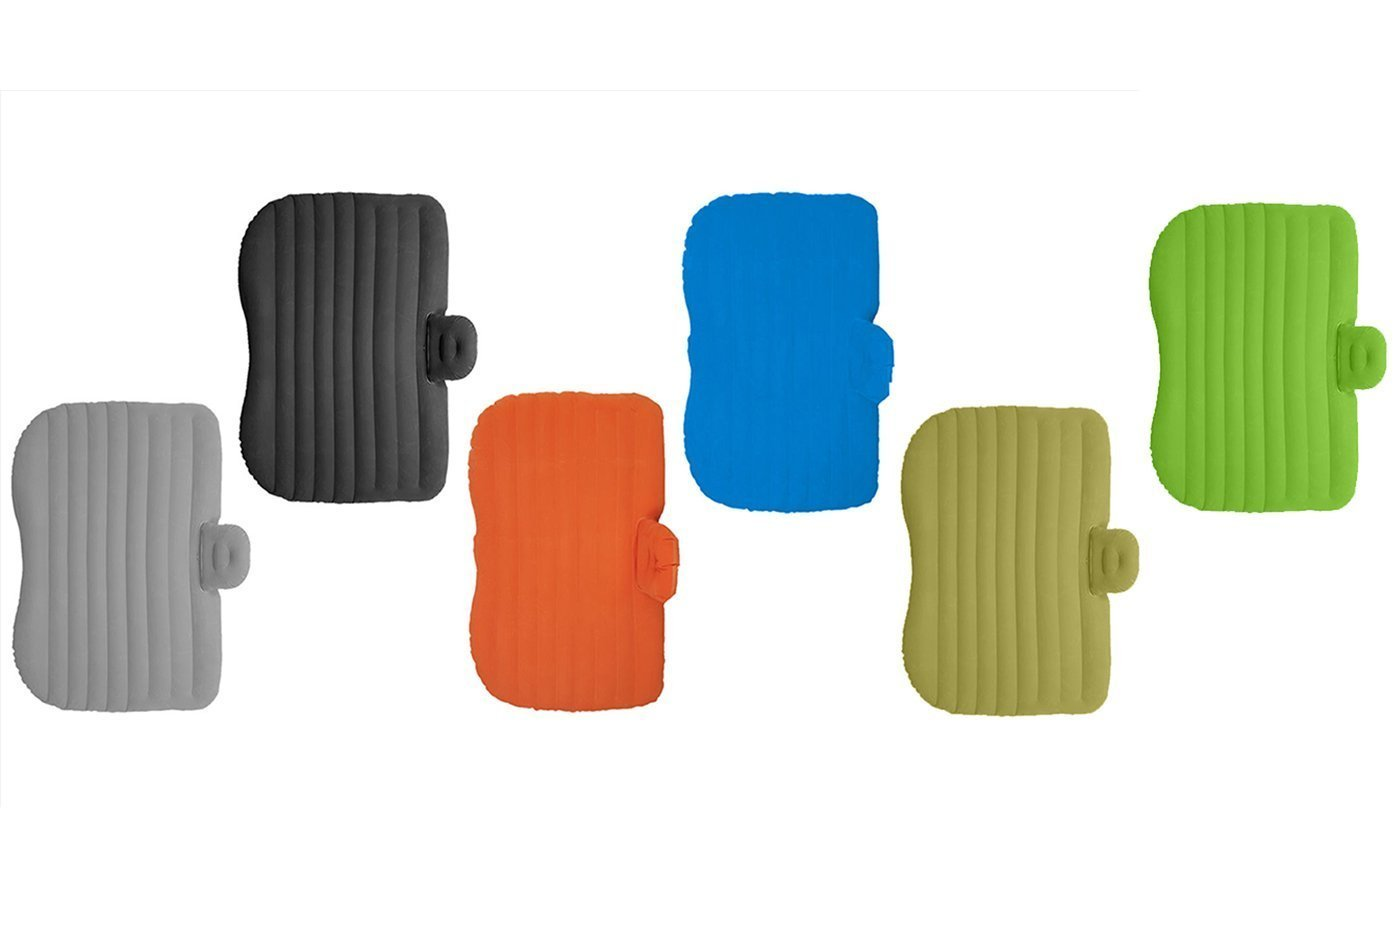 Aufblasbares Matratzenset mit Kissen für das Auto, mit elektrischer Luftpumpe Tempo di Saldi® BES-21651